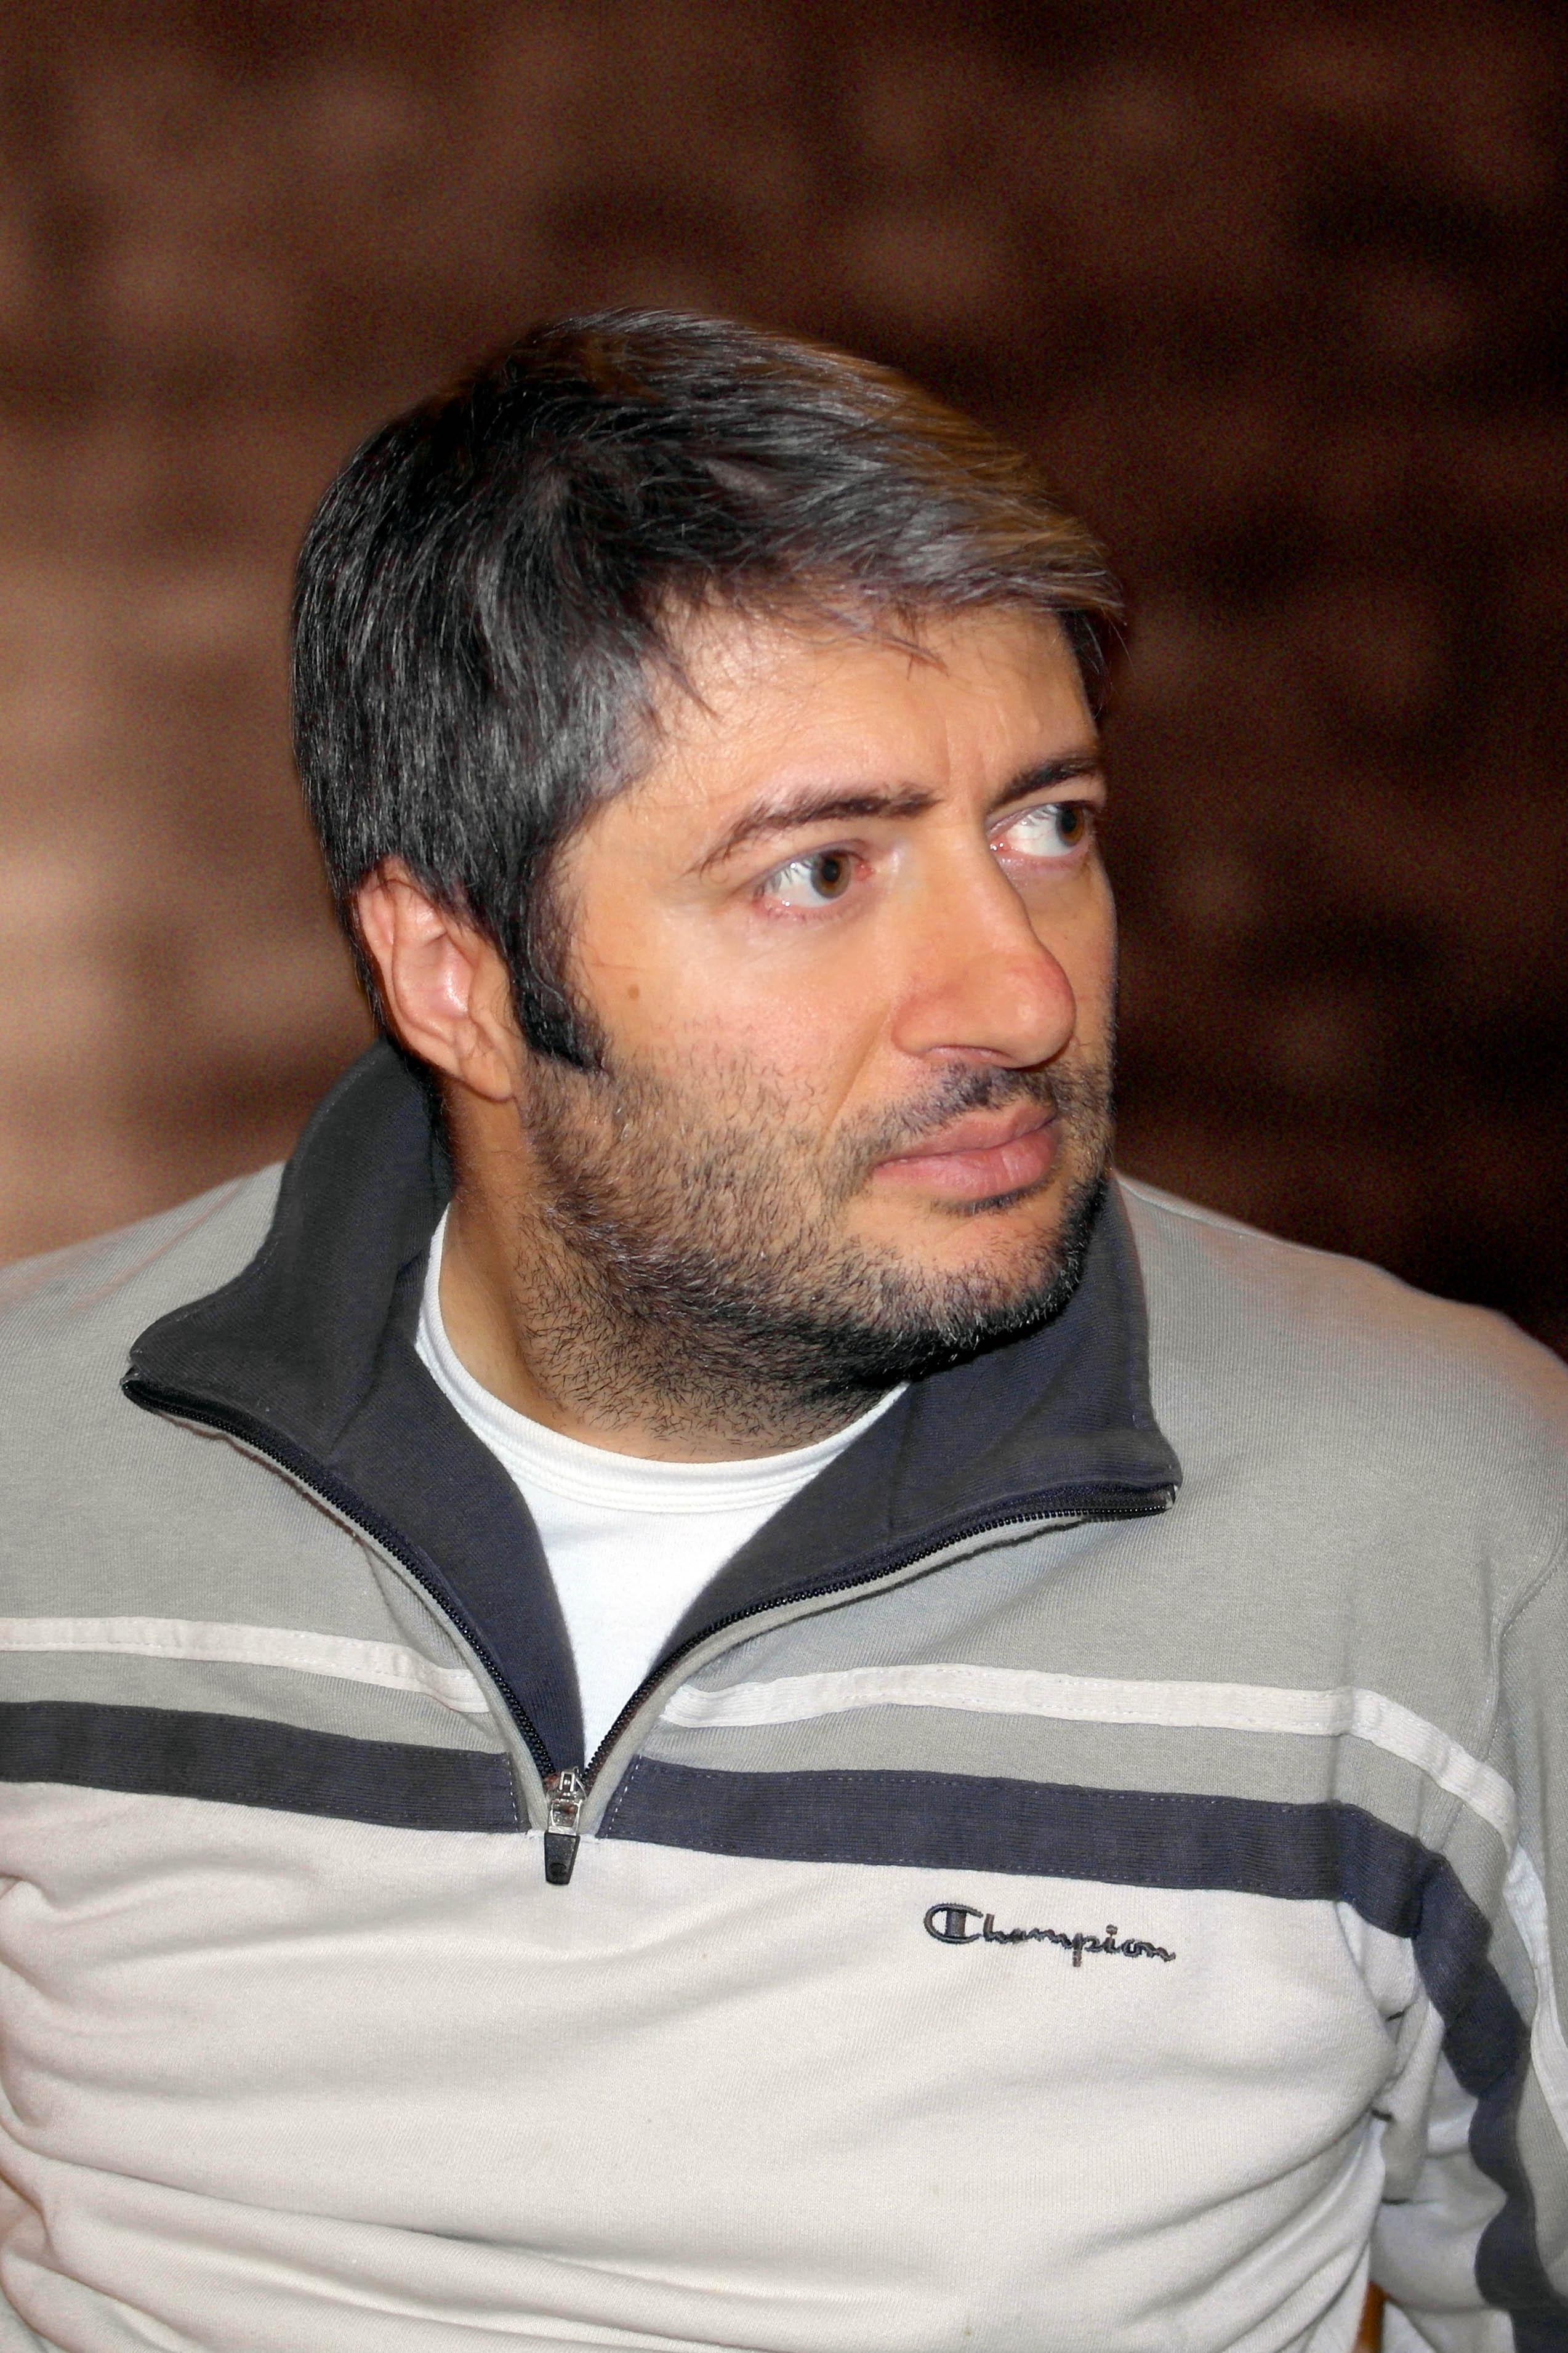 MATTEO GENITONI